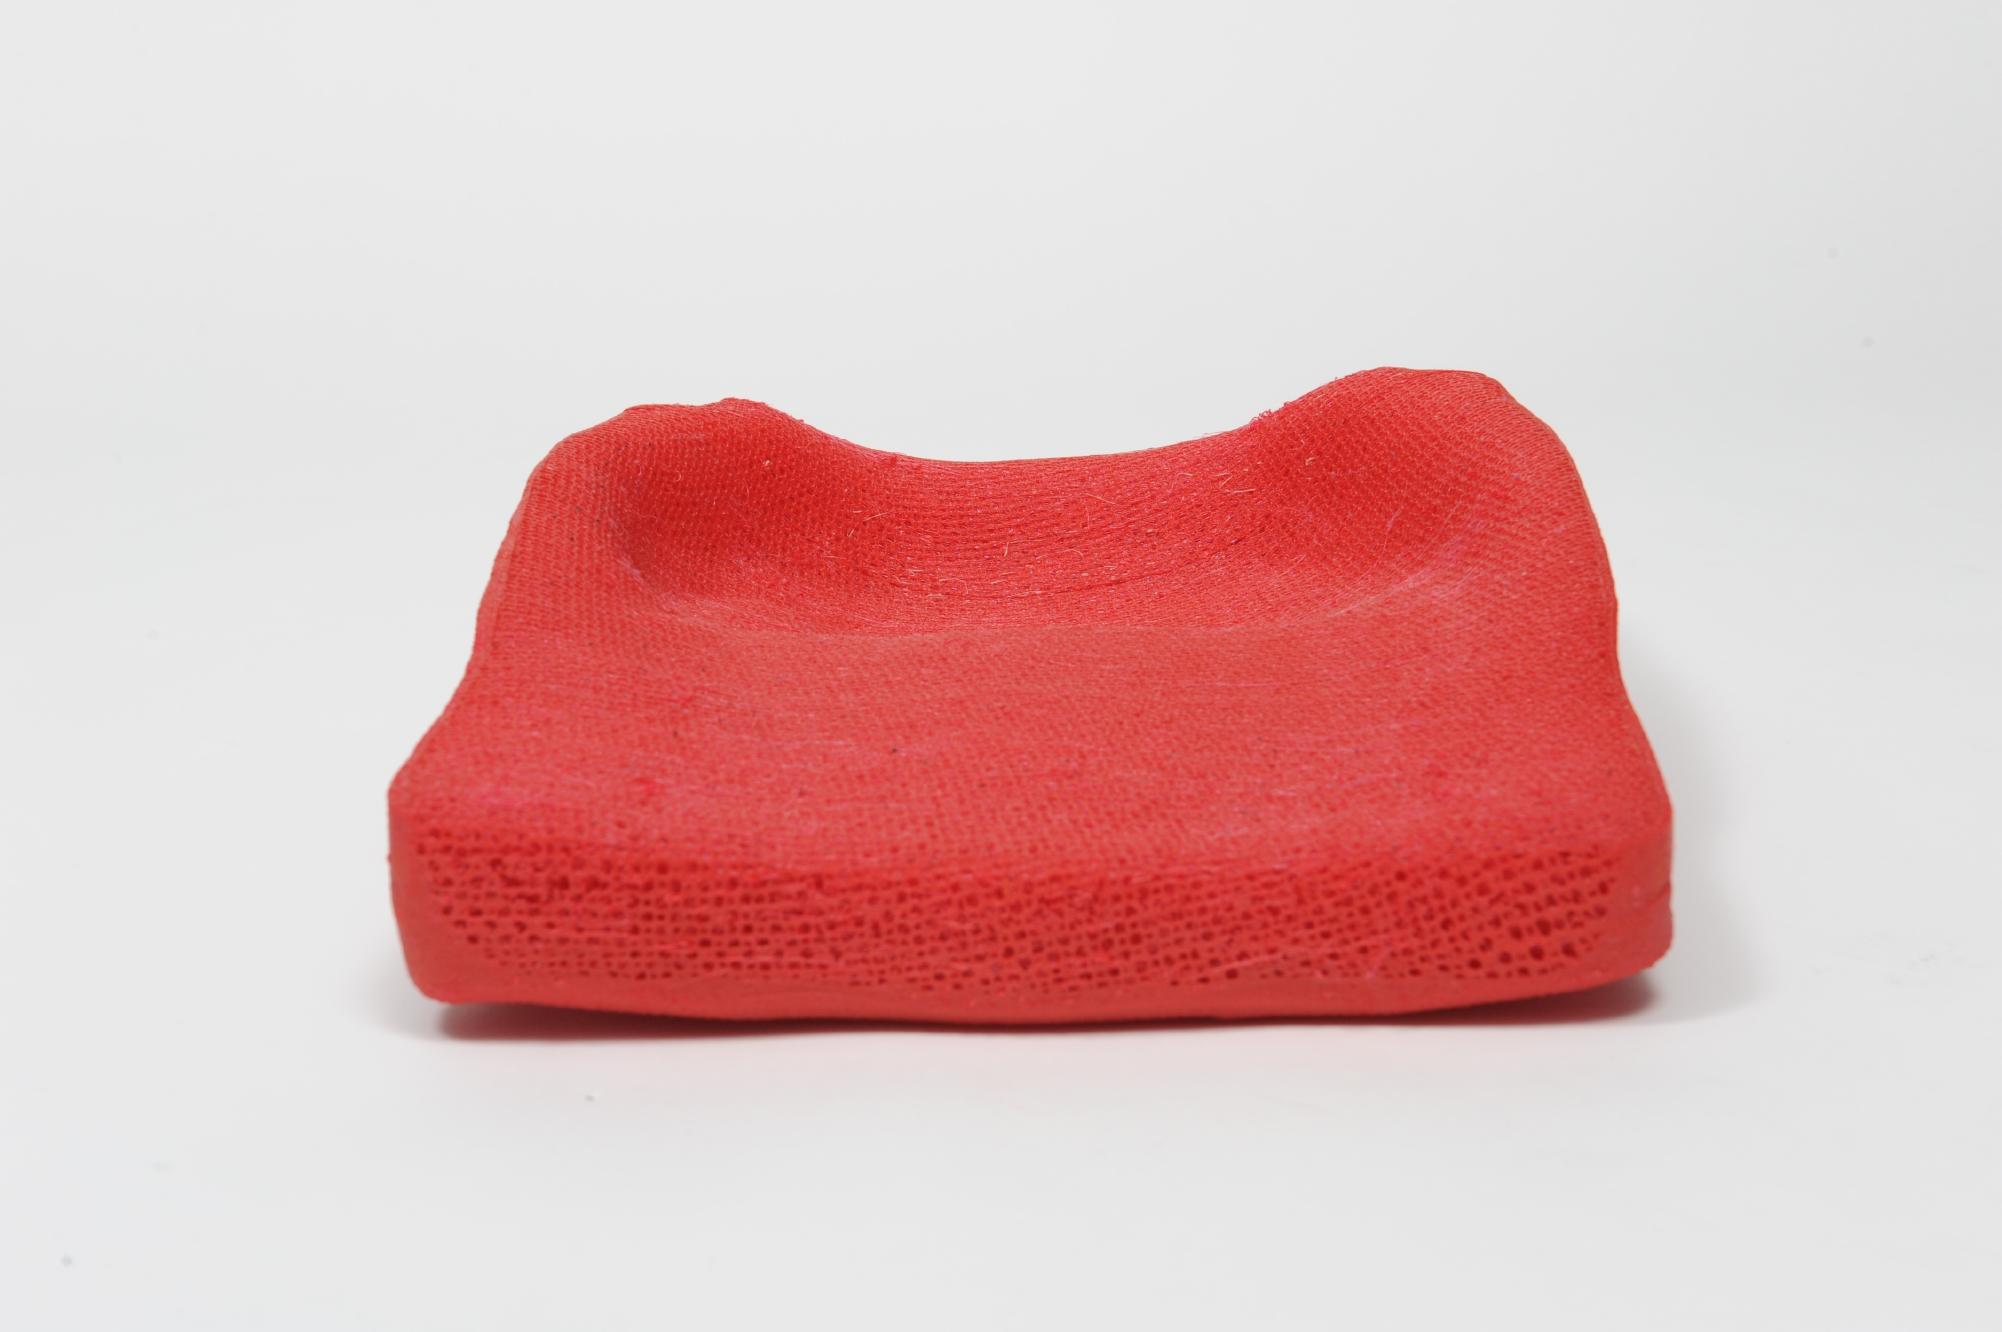 Ein mit der 3D-Drucktechnik hergestelltes Sitzkissen